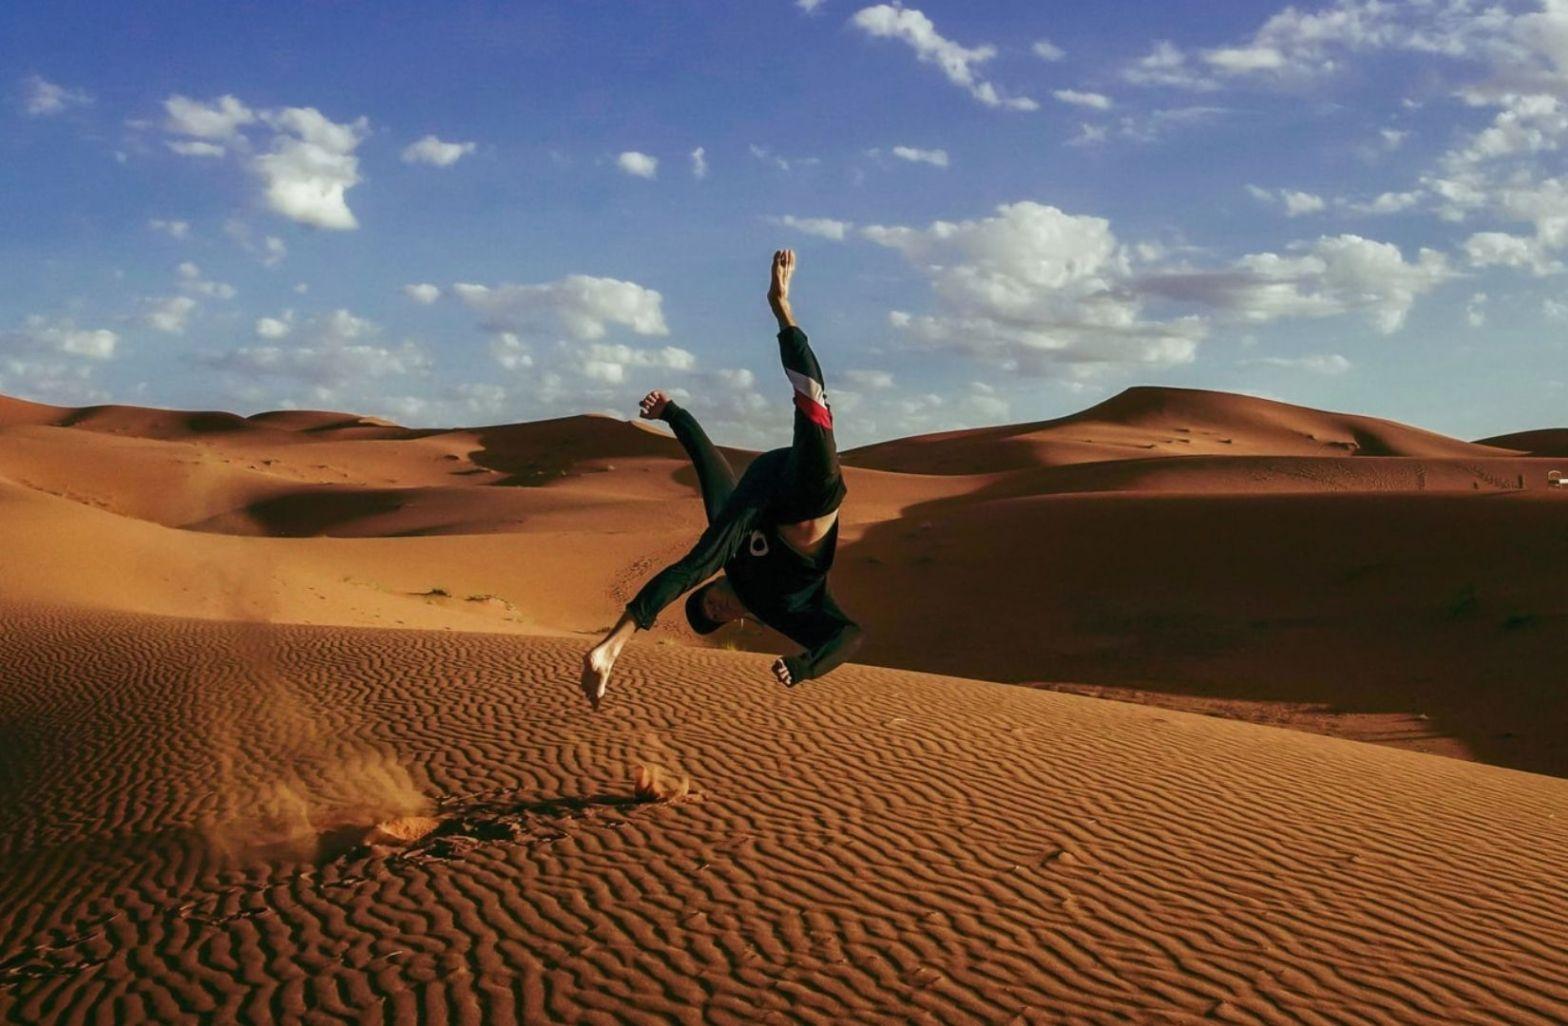 Hätte Buddy Guy einen Flip in der Sahara gewagt. (Foto: William Pei Yuan, Unsplash.com)